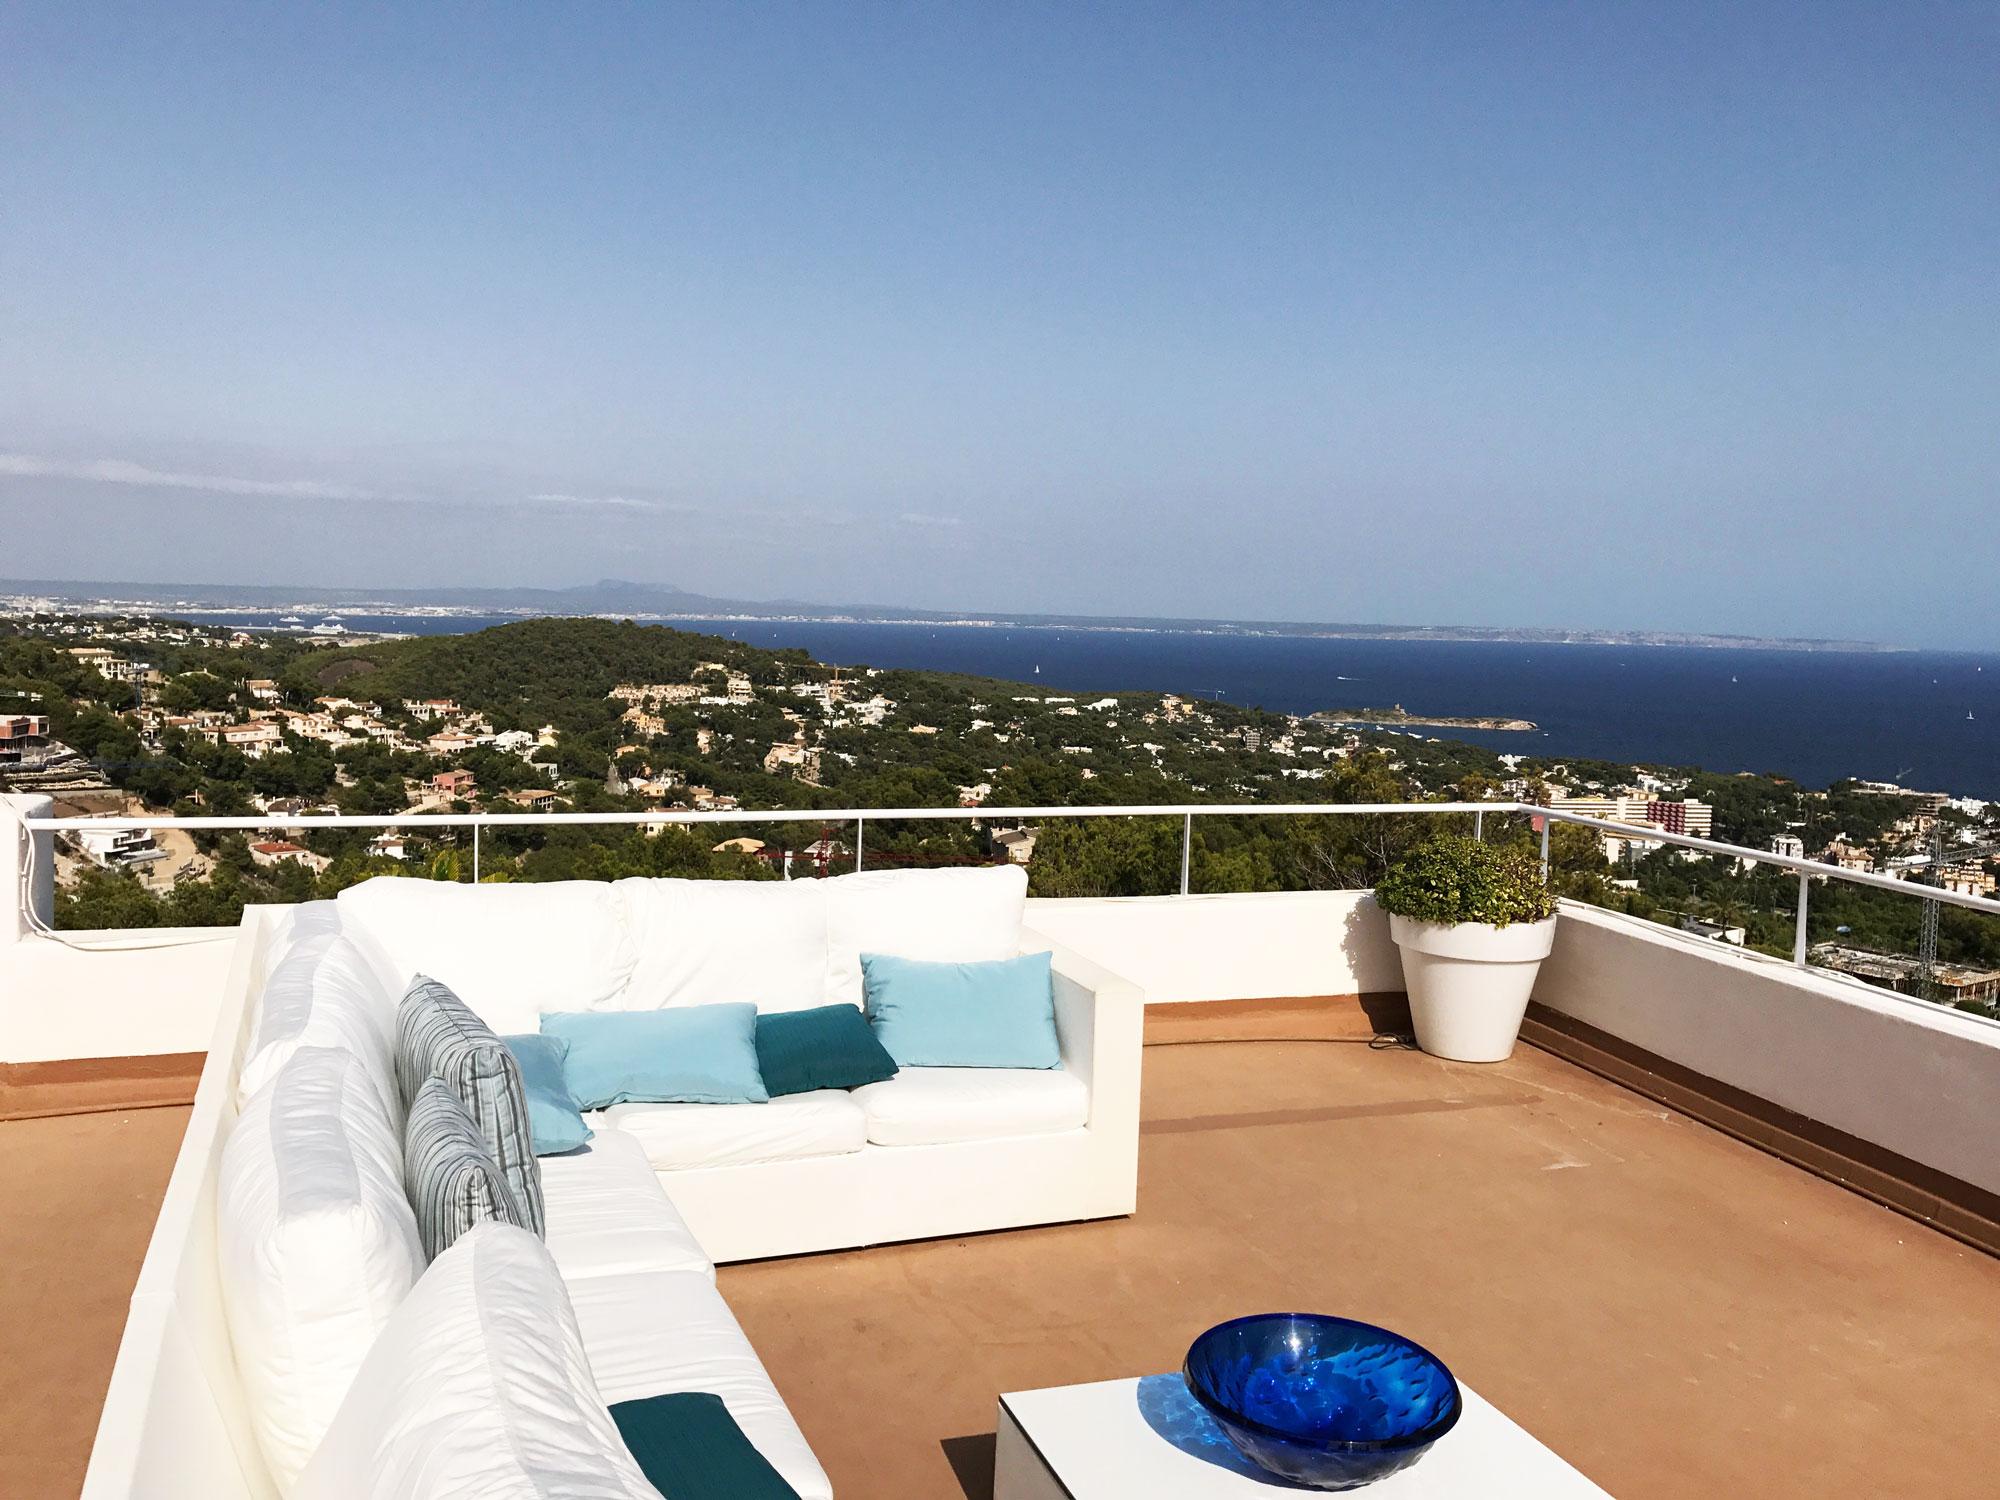 Großzügige Lounge auf Terrasse